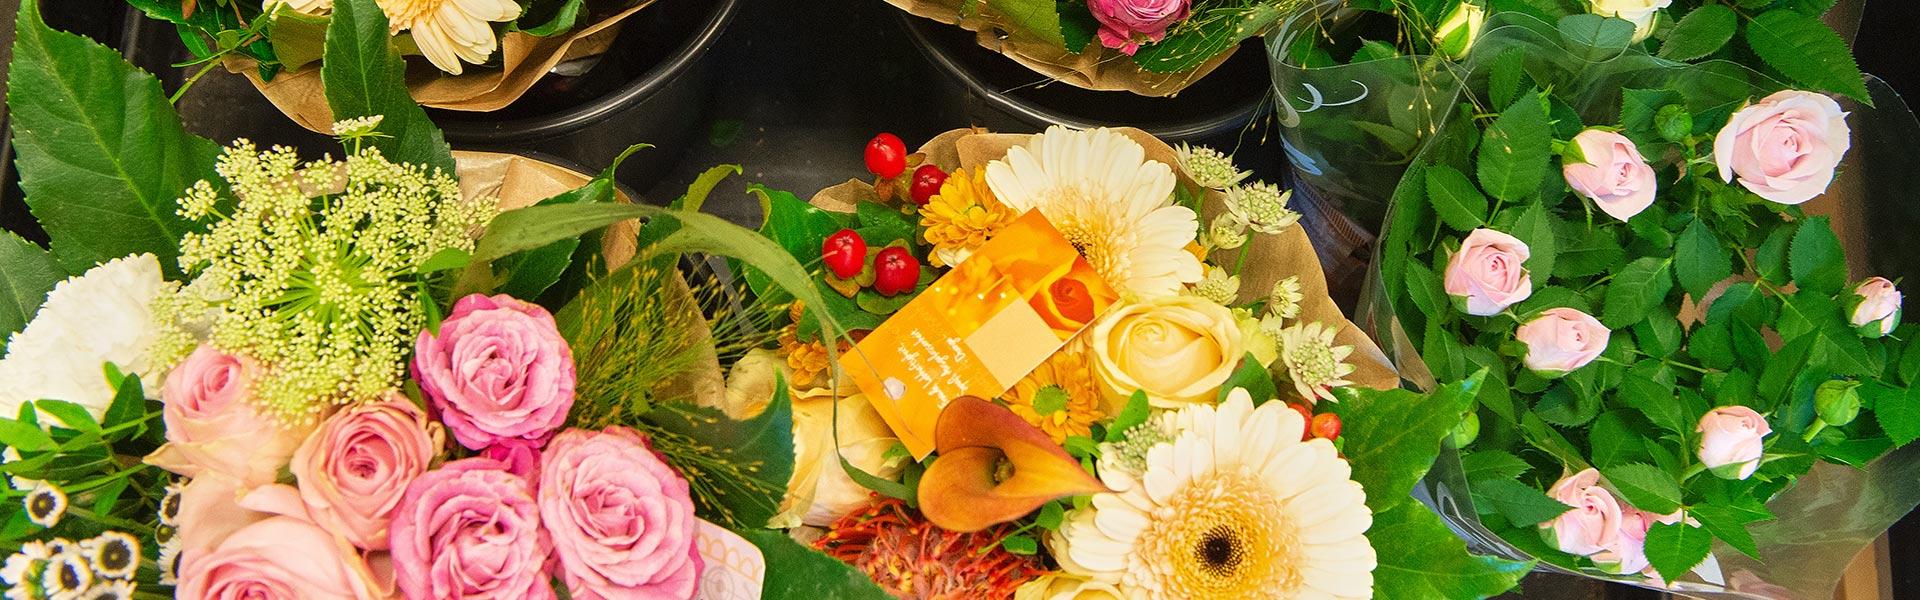 Blumensträuße in Ihrem REWE Schirra